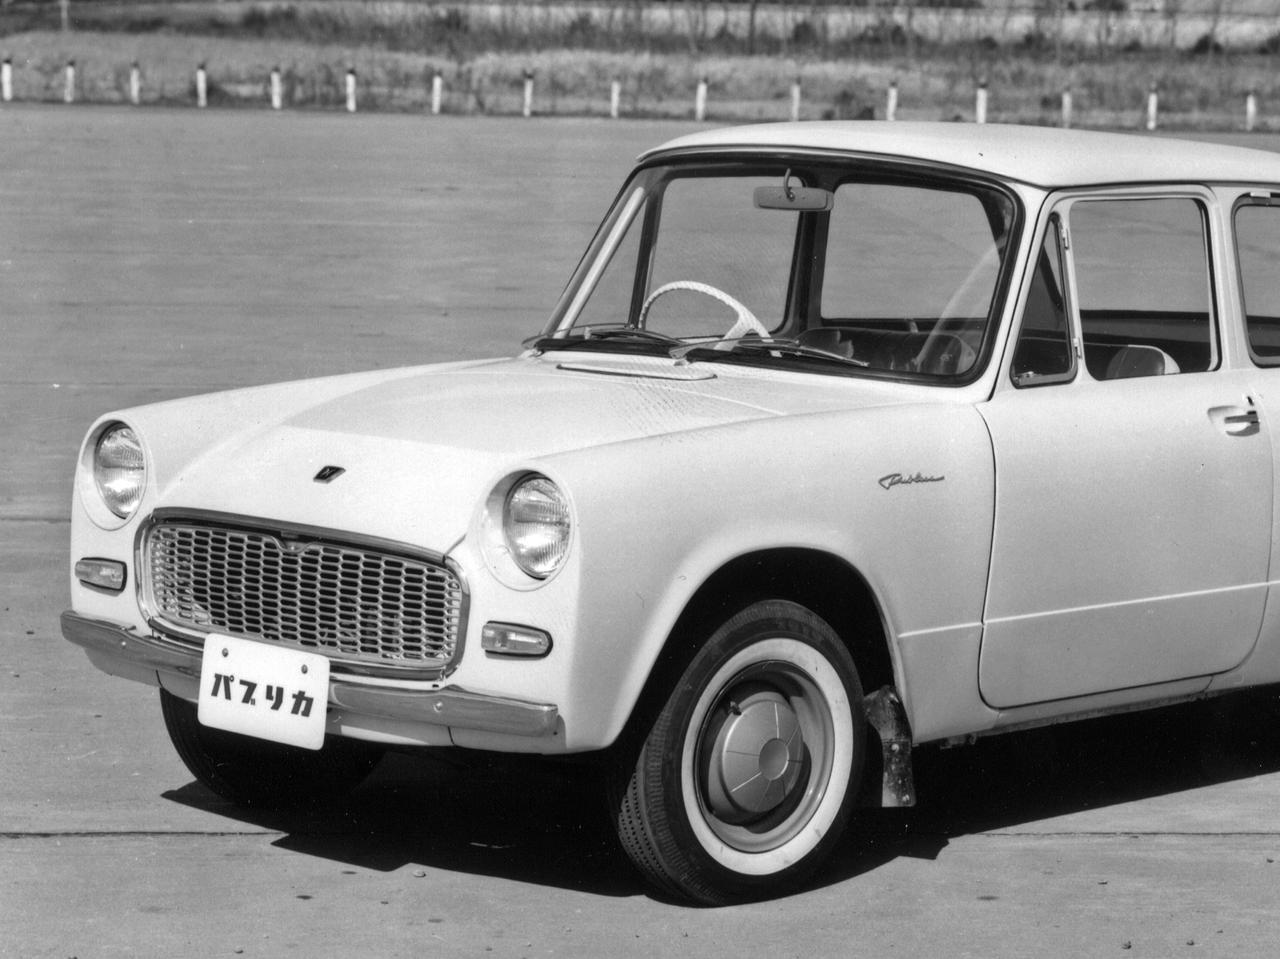 【昭和の名車 114】トヨタ パブリカは、大衆車の切り札として登場した